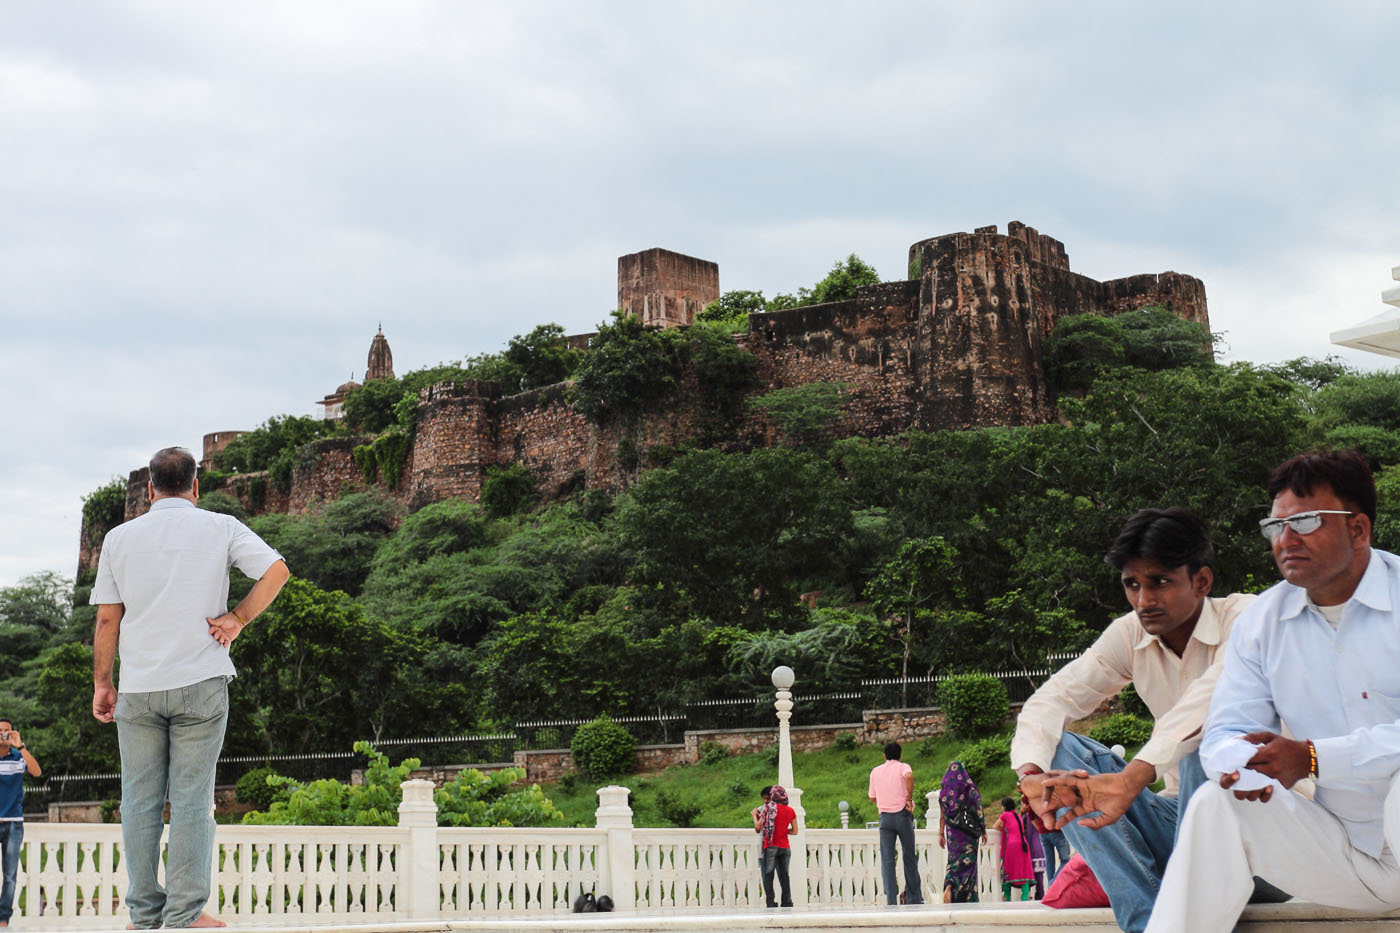 Фото 27. Крепость Дунги. Отчет об экскурсии в Джайпур.